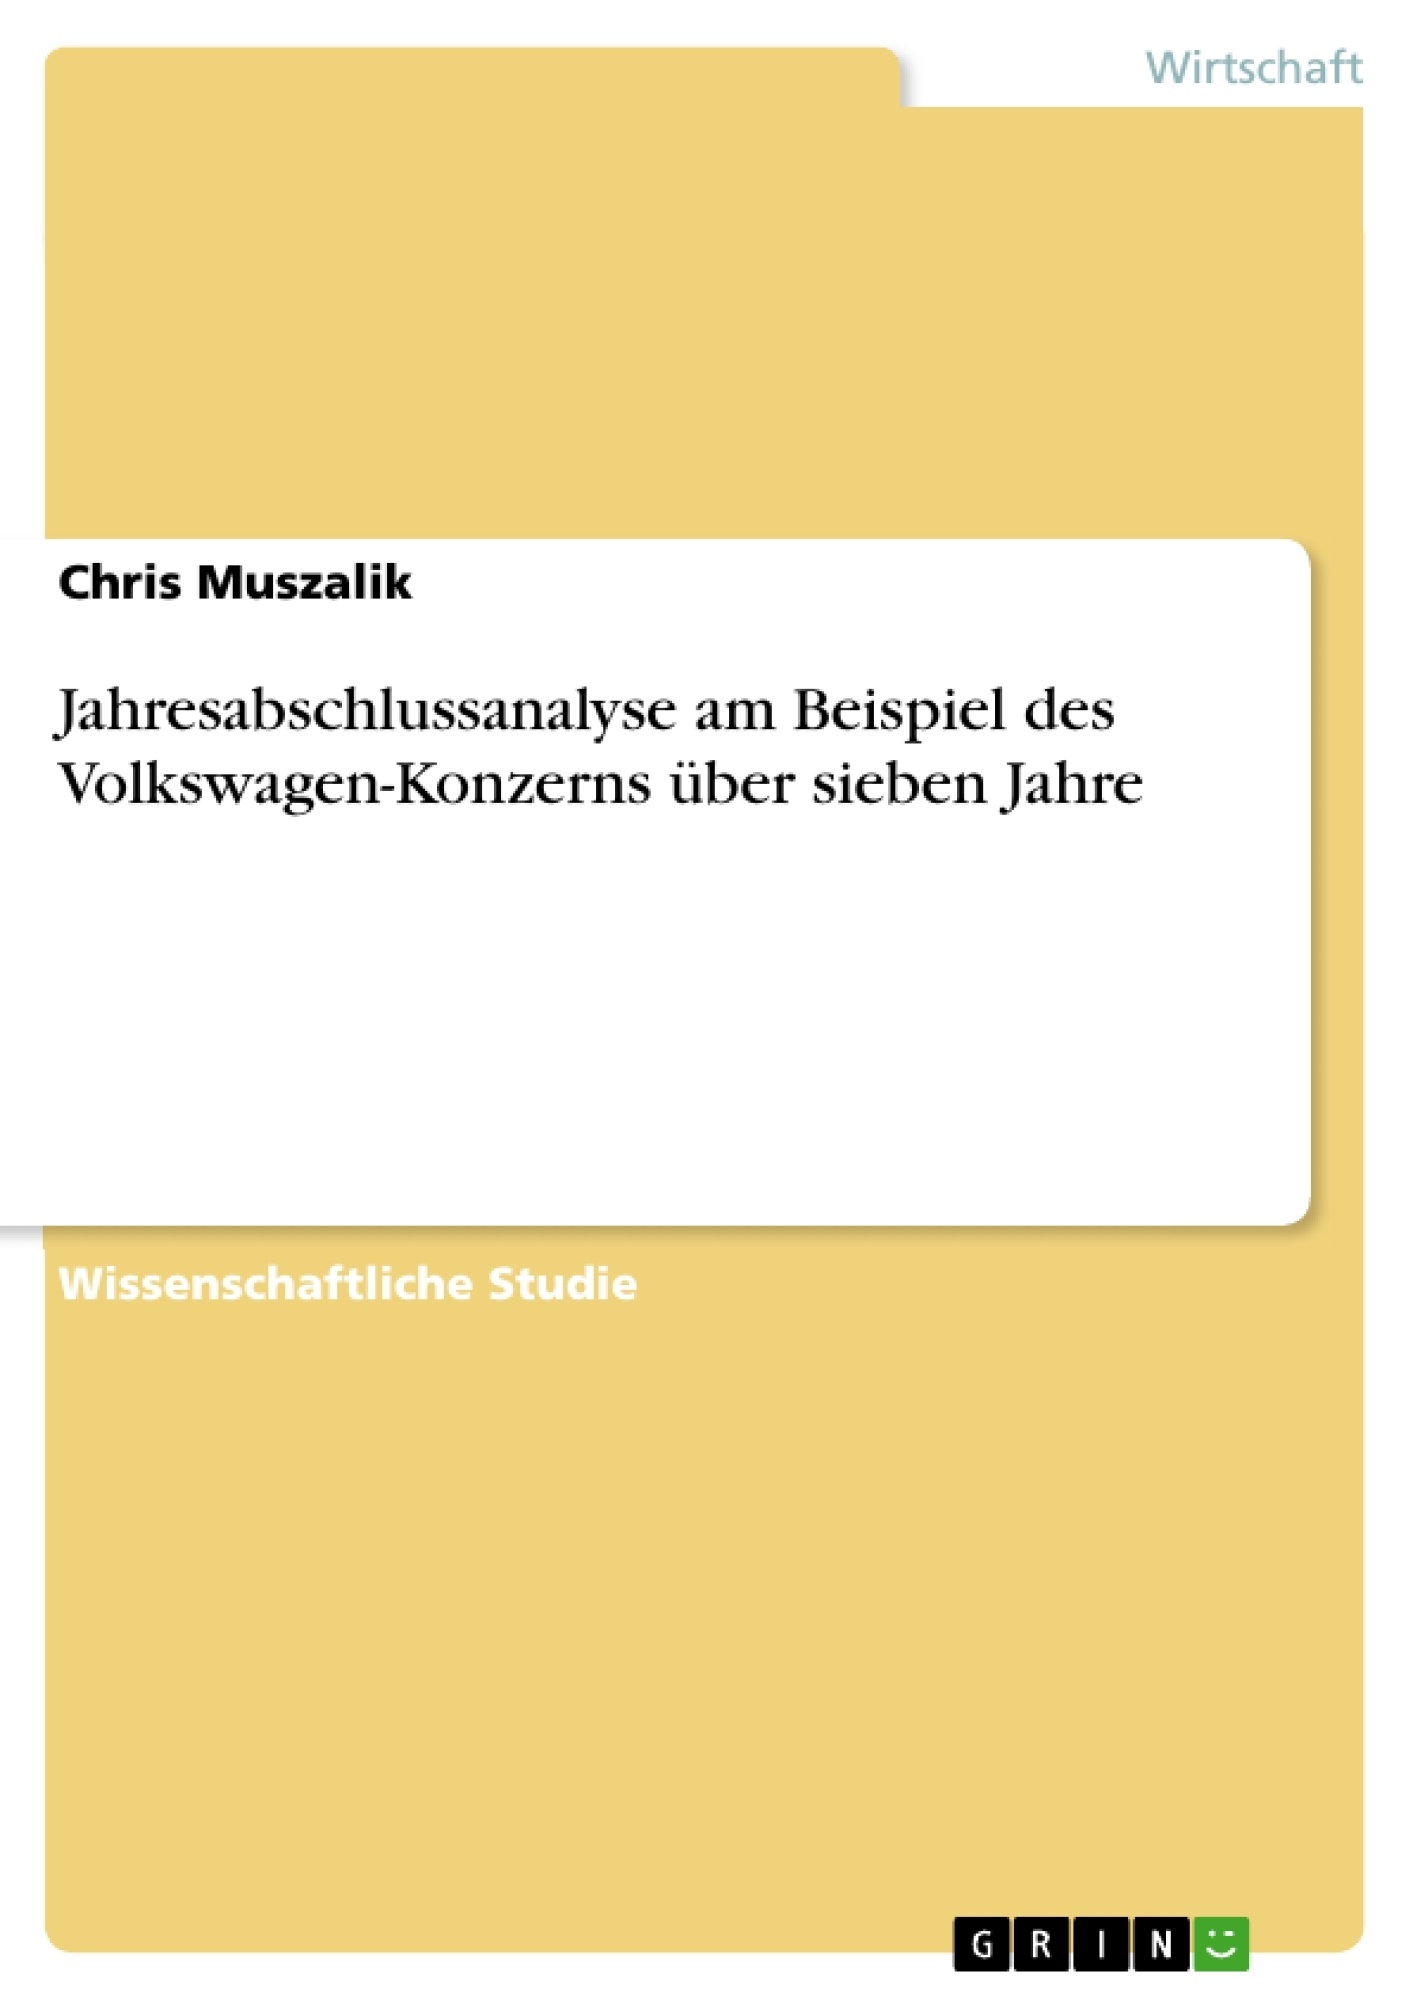 Titel: Jahresabschlussanalyse am Beispiel des Volkswagen-Konzerns über sieben Jahre